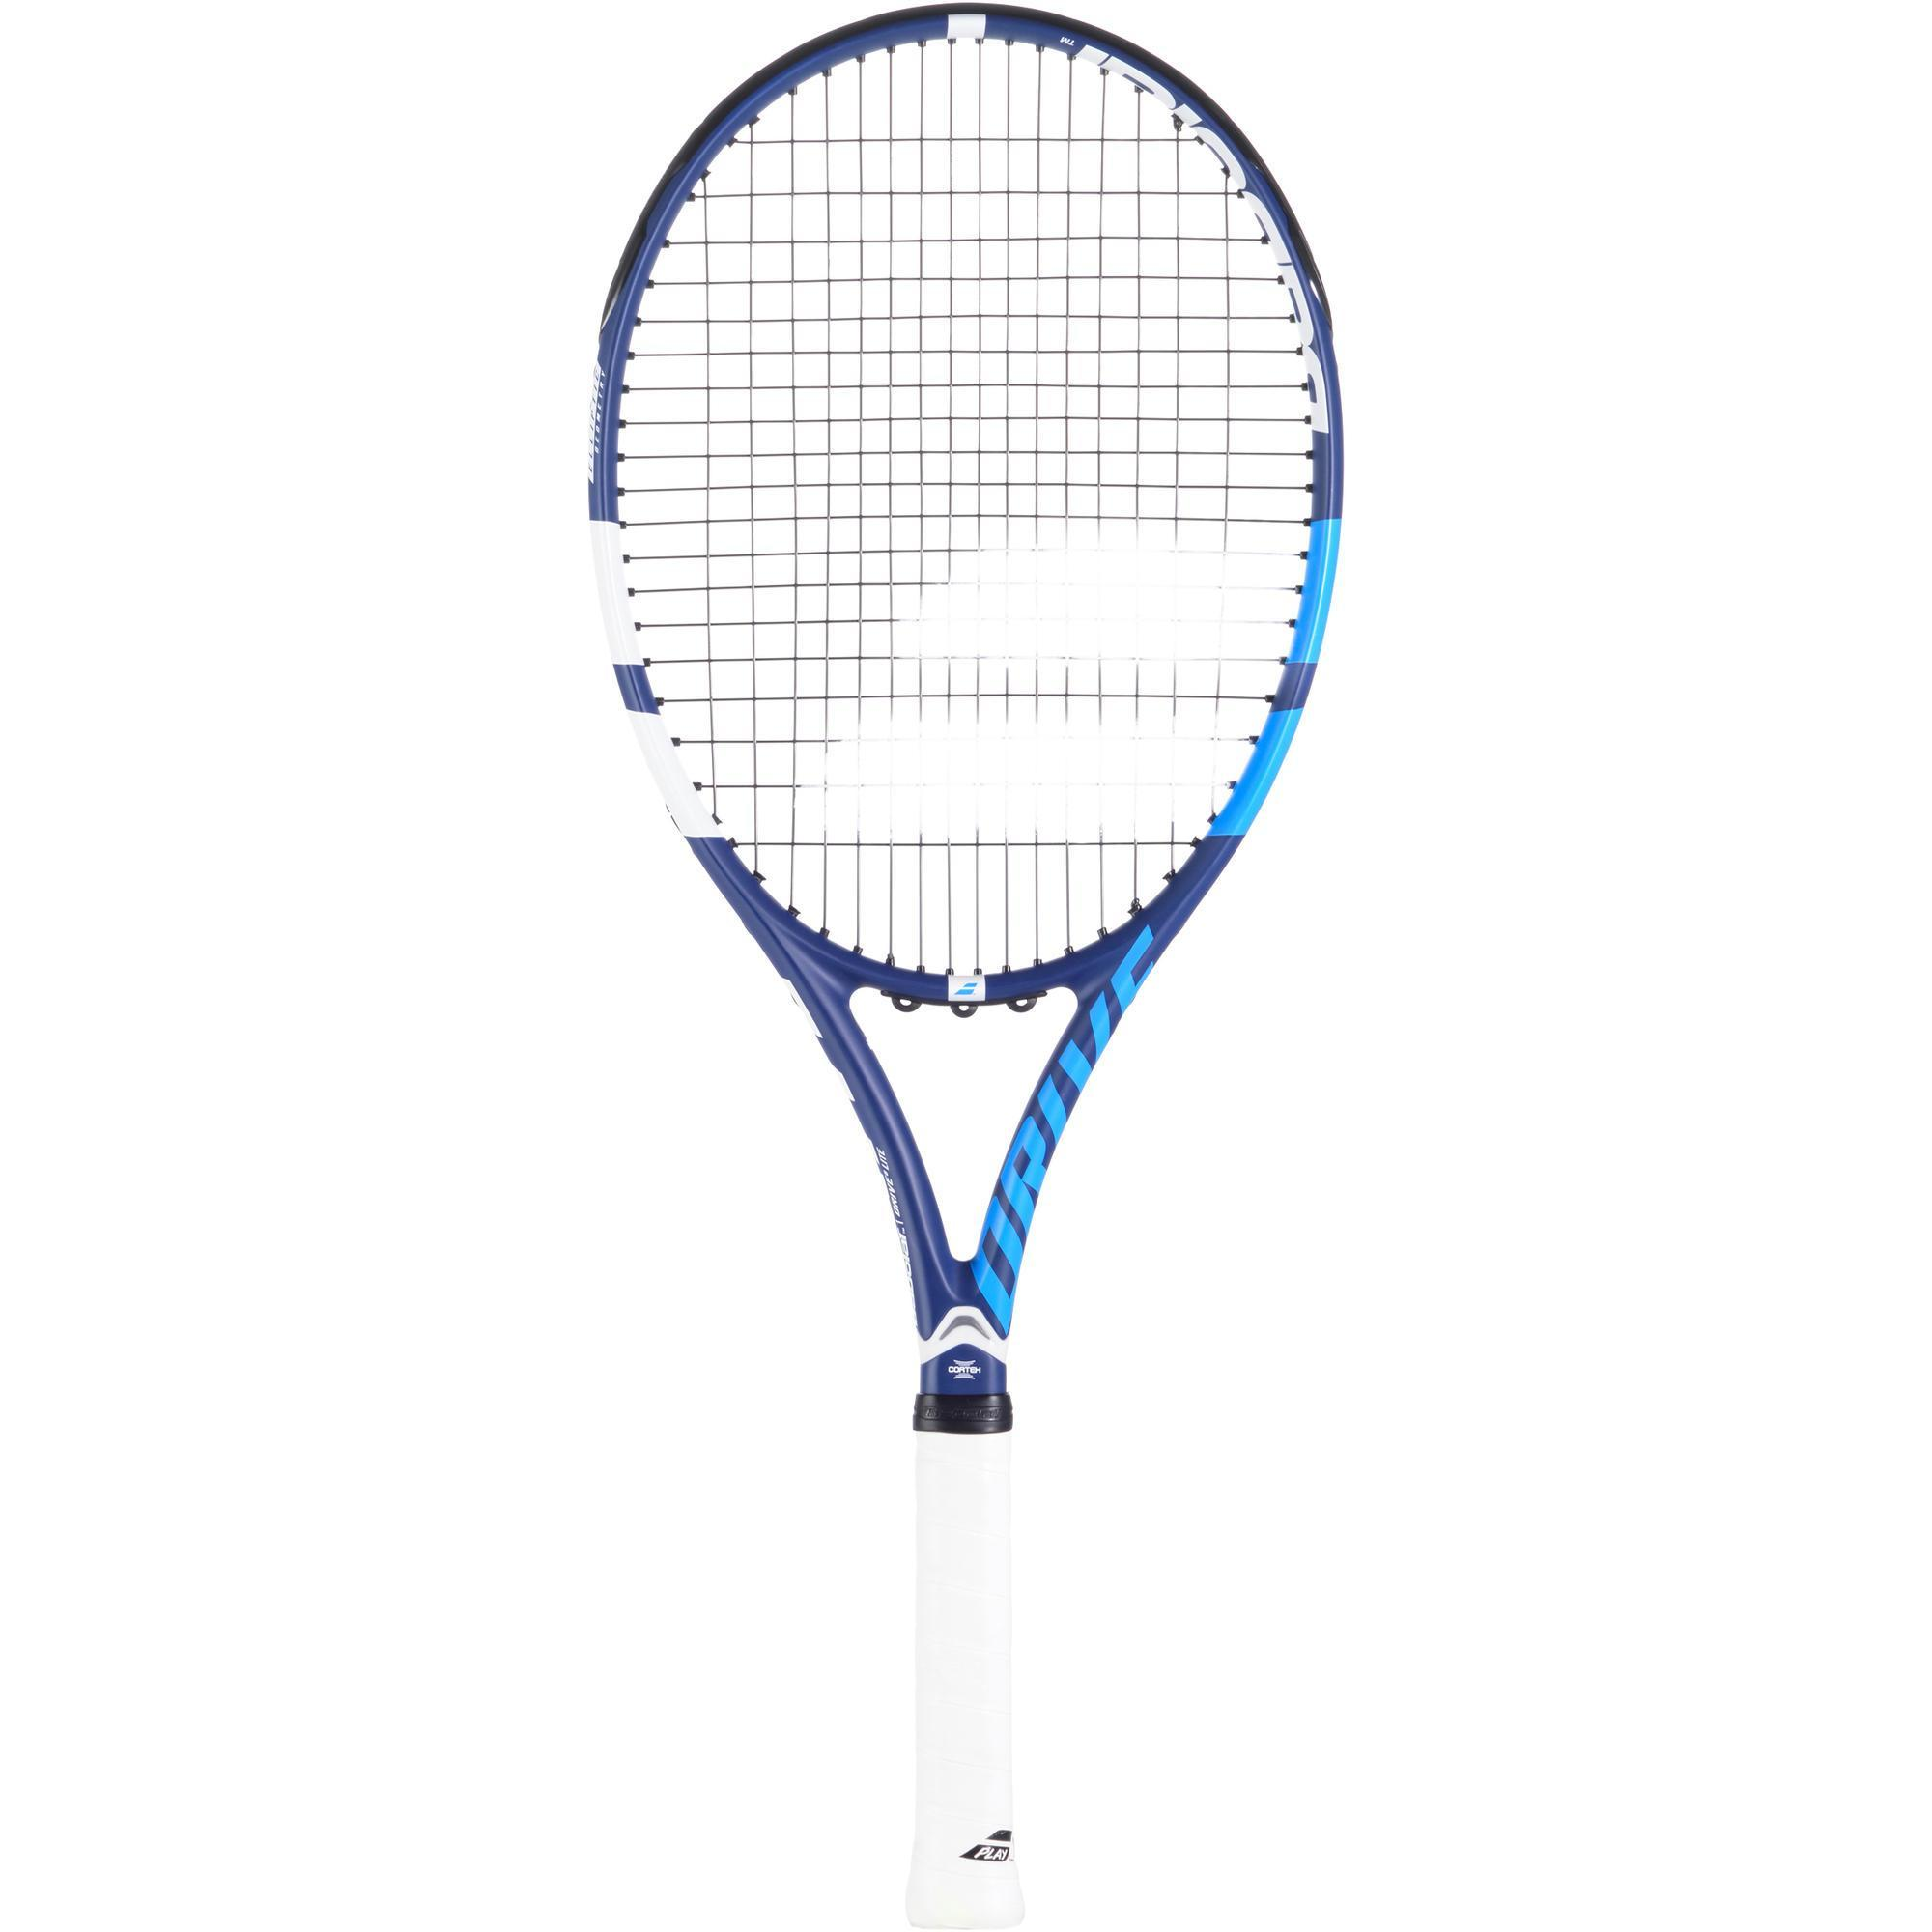 super popular 9d29d fe64e Decathlon Babolat Tennisschläger Drive G Lite besaitet |  3324921632643,2124067170006